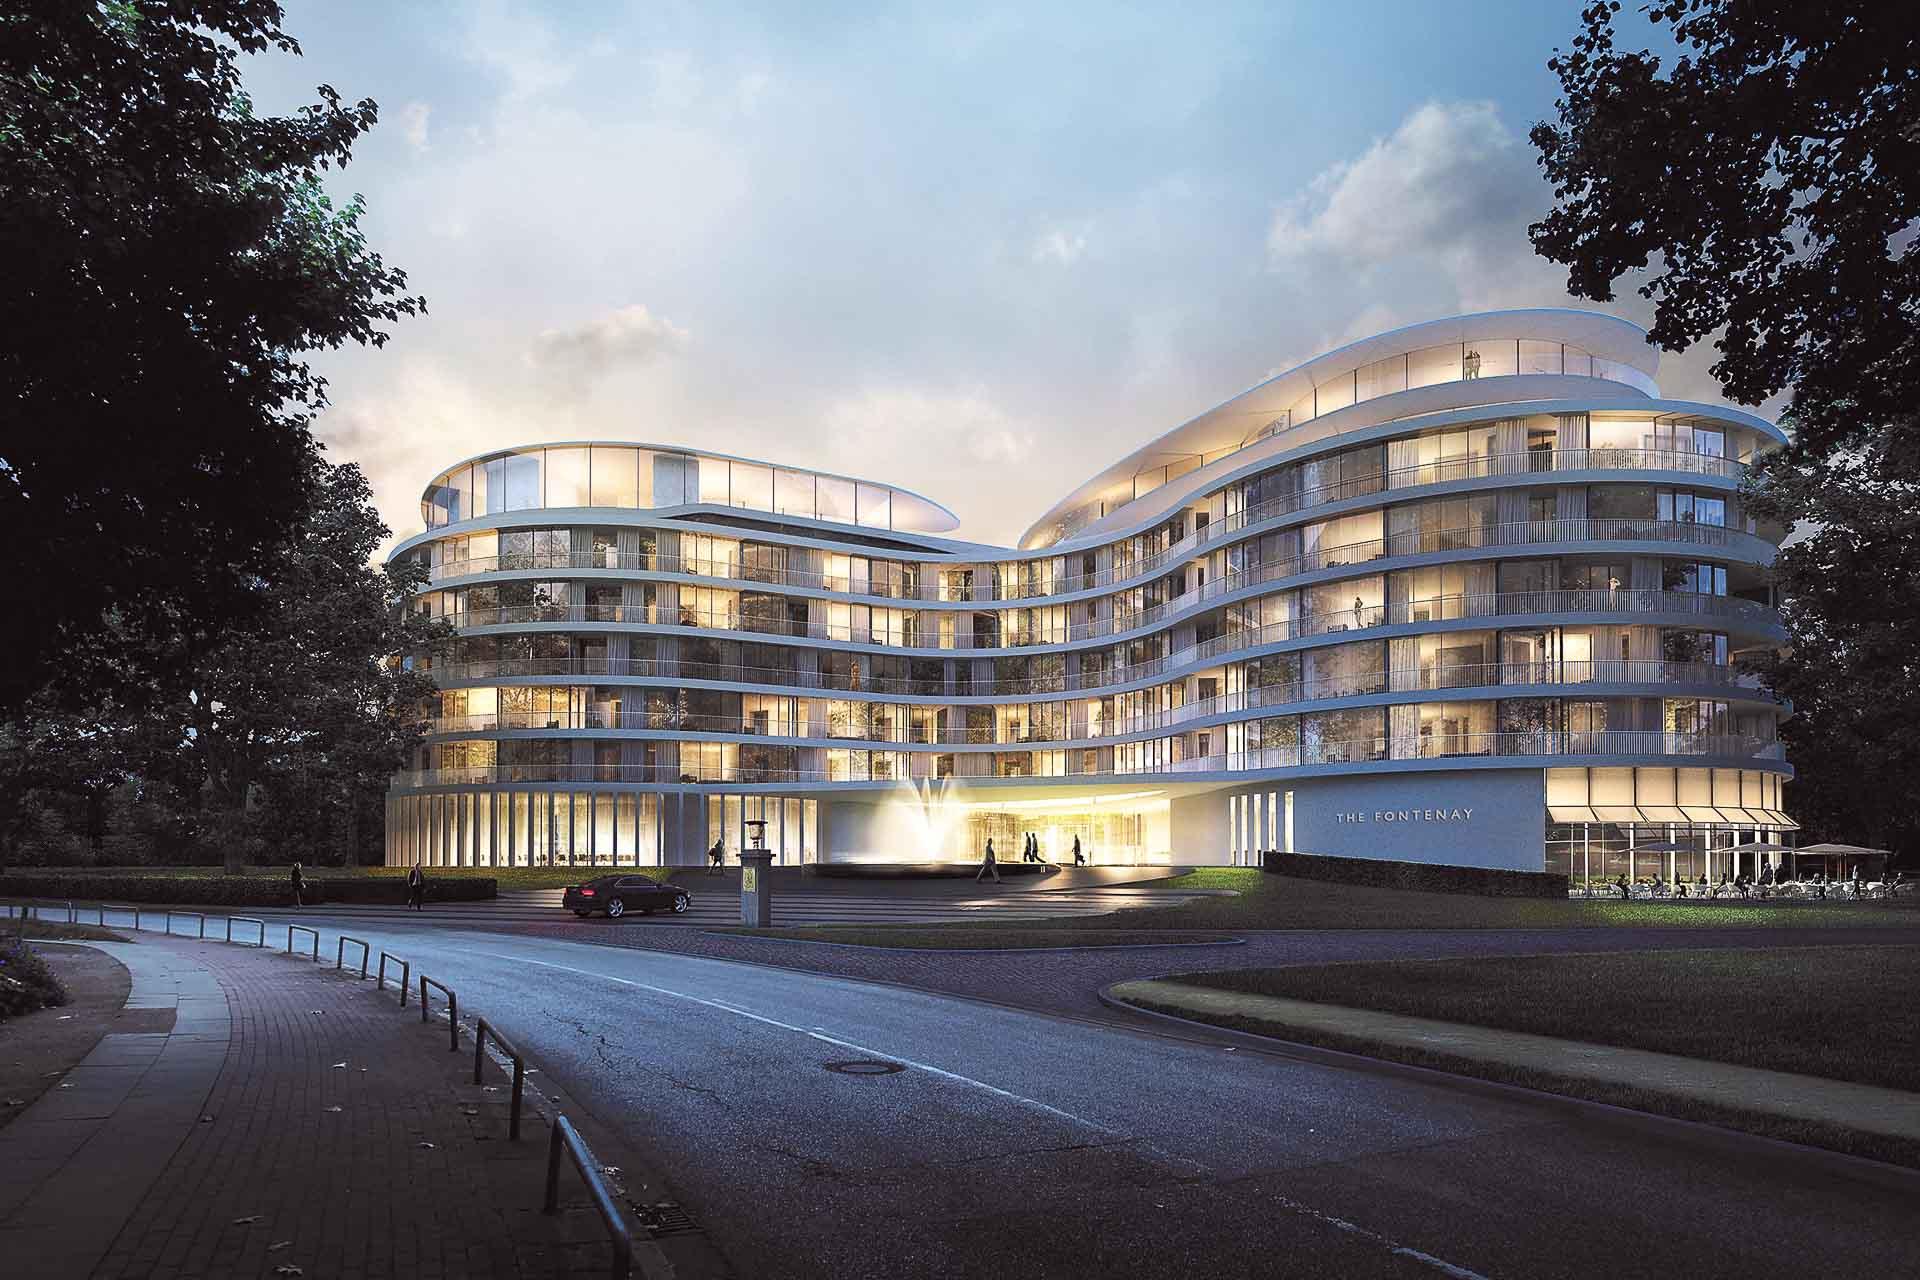 C'est l'un des évènements hôteliers de l'année outre-Rhin. Près de vingt ans après l'ouverture du dernier 5-étoiles à Hambourg, The Fontenay, grand établissement au luxe contemporain sur les rives de l'Alster, vient d'être inauguré. Visite guidée.